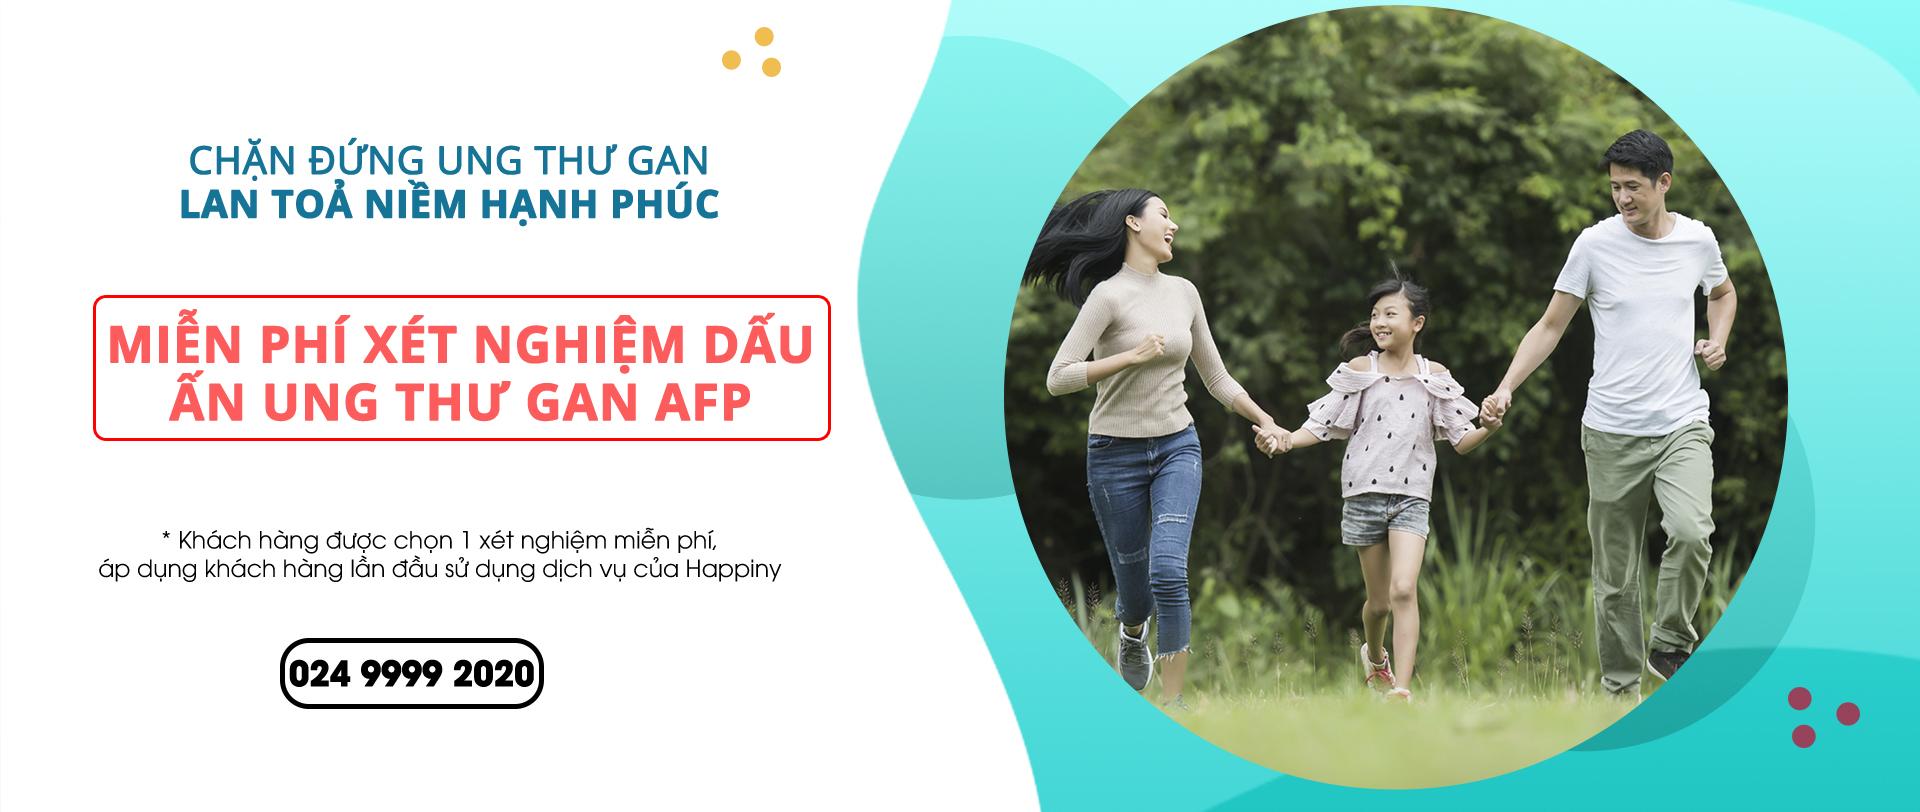 Happiny: Miến phí xét nghiệm dấu ấn ung thư gan AFP